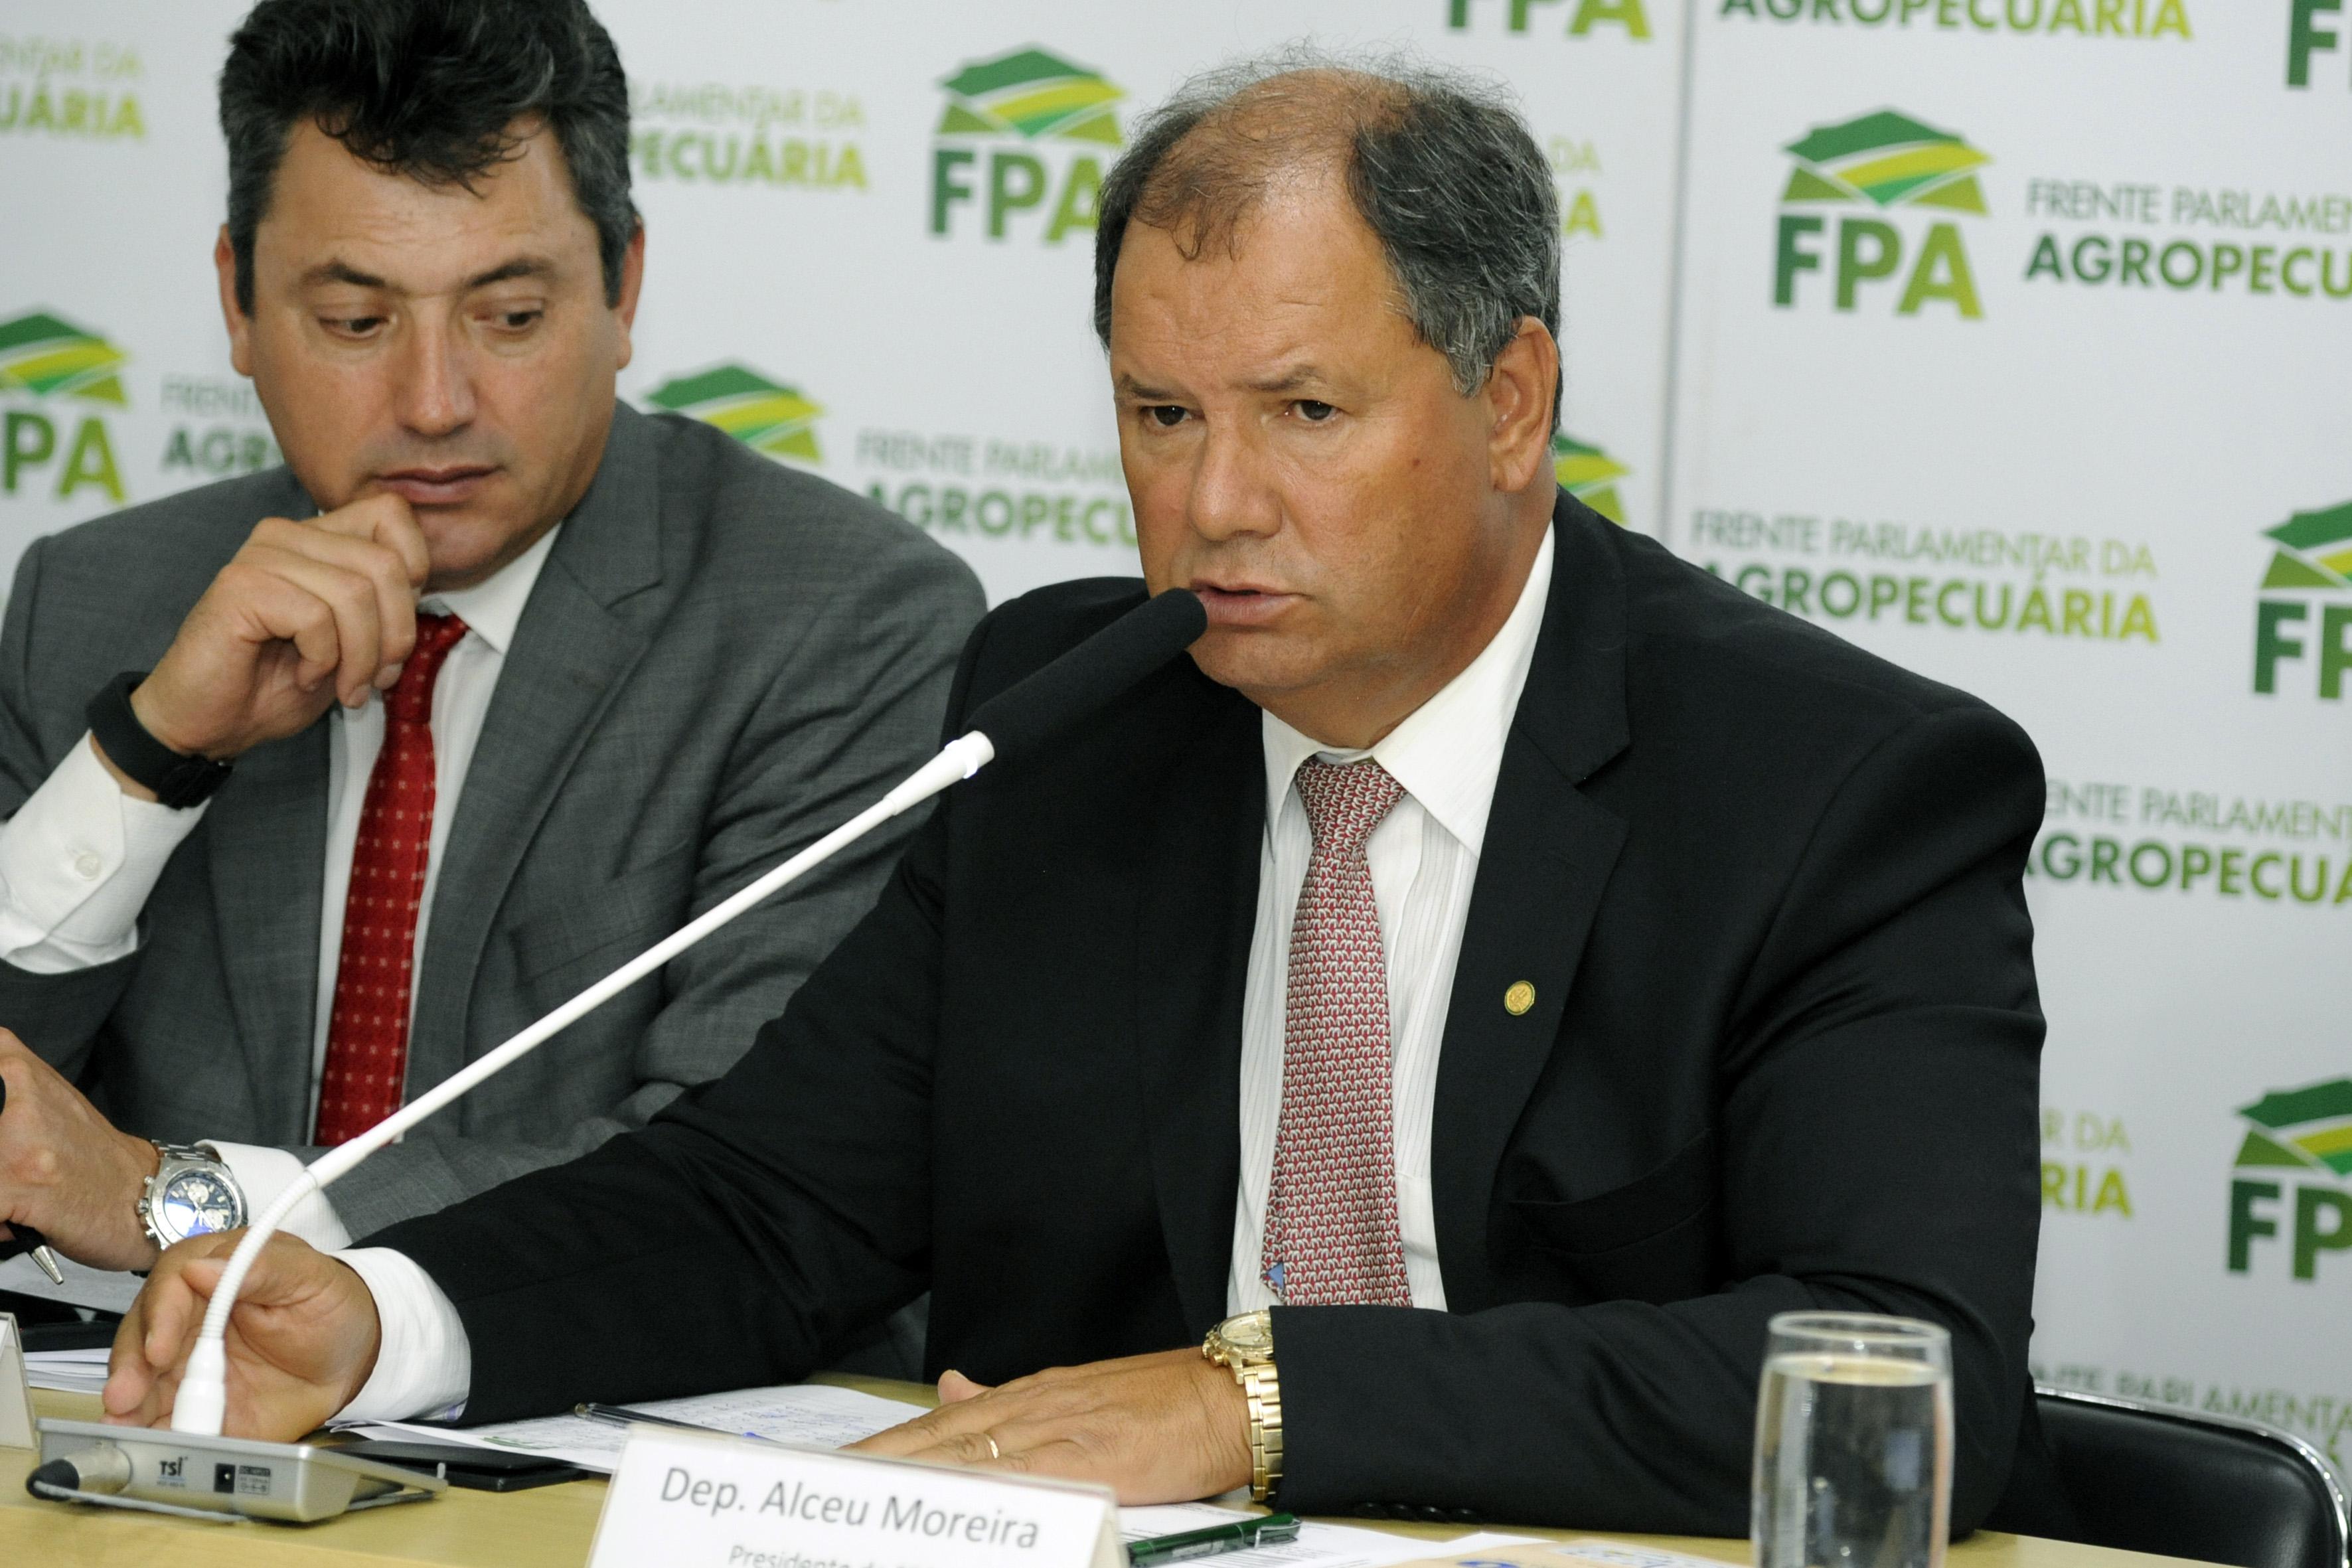 Reunião com o secretário da Previdência, Rogério Marinho, para conversa sobre a reforma da Previdência, em especial, a aposentadoria rural. Presidente da Frente Parlamentar da Agropecuária, Alceu Moreira